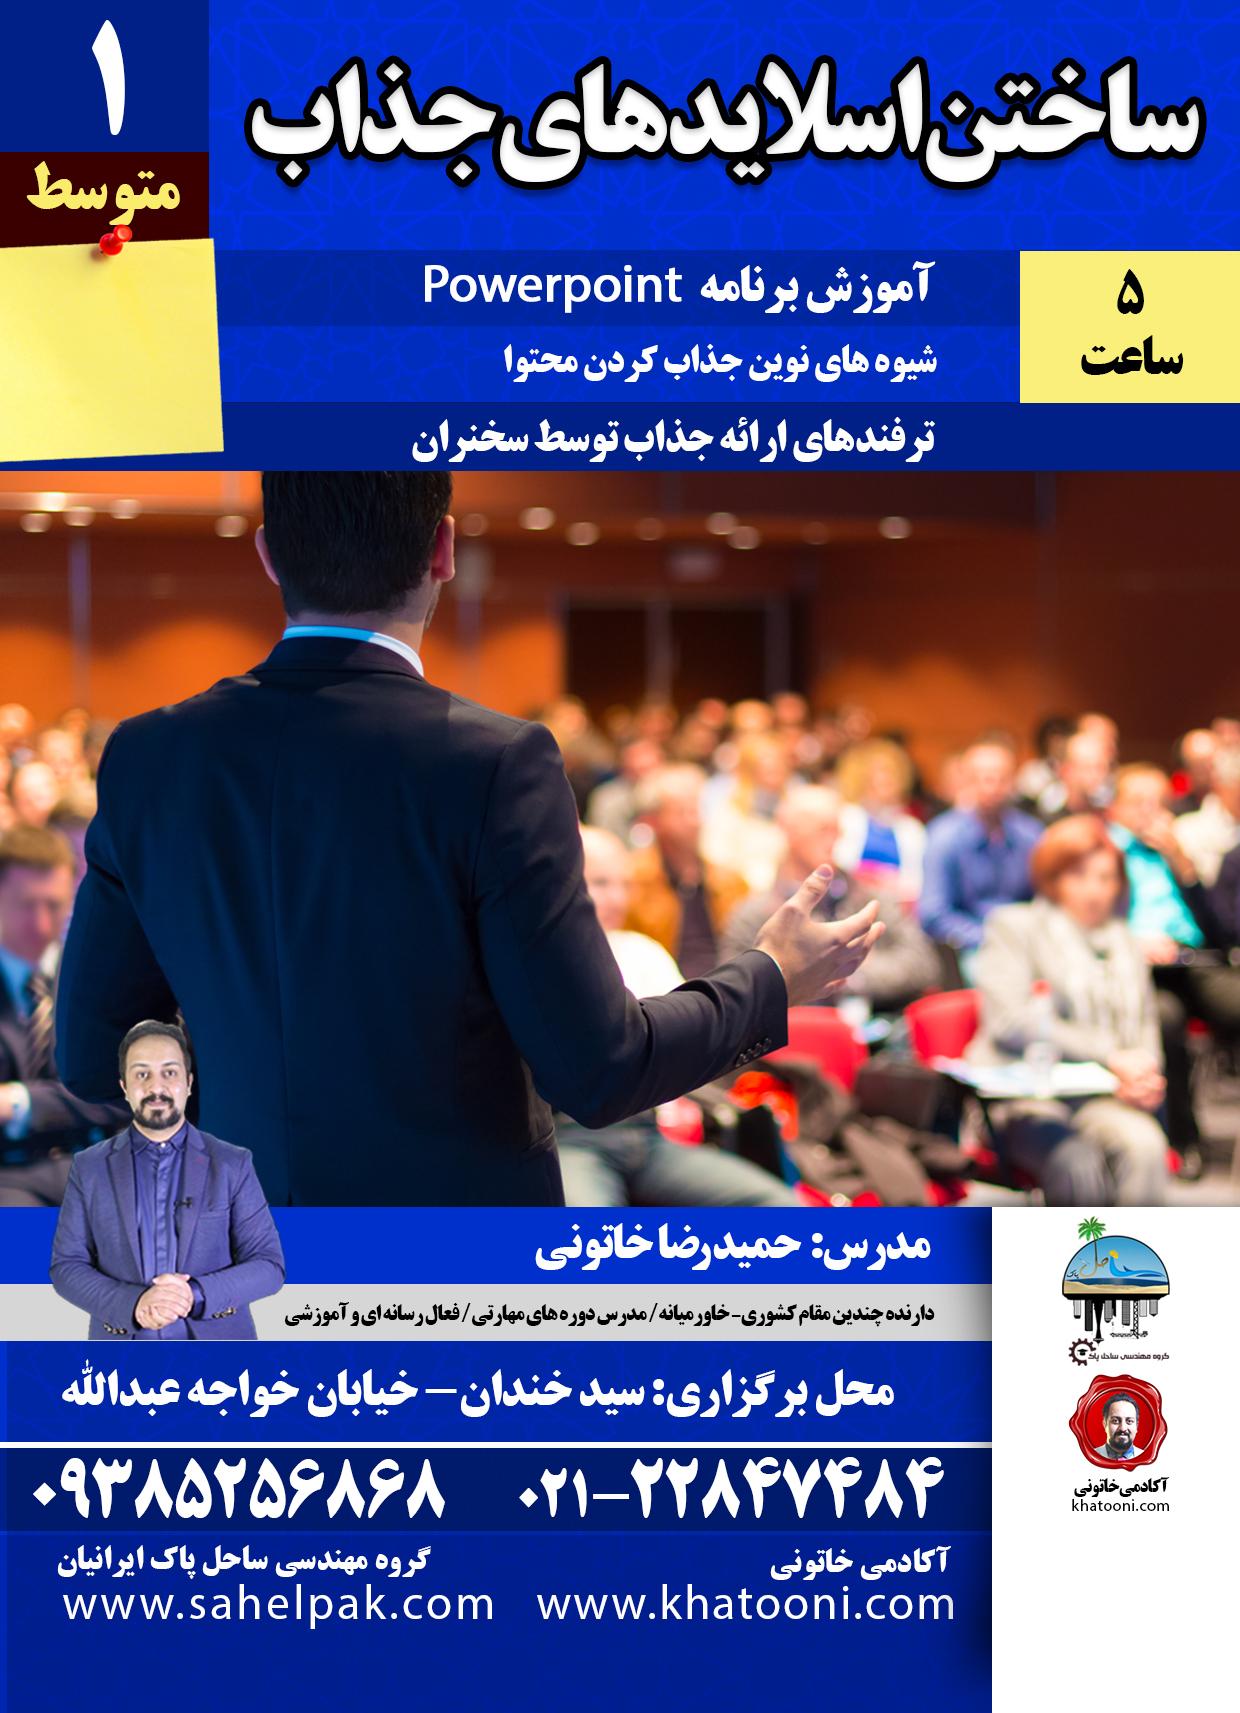 ساختن اسلاید های جذاب (Power Point)